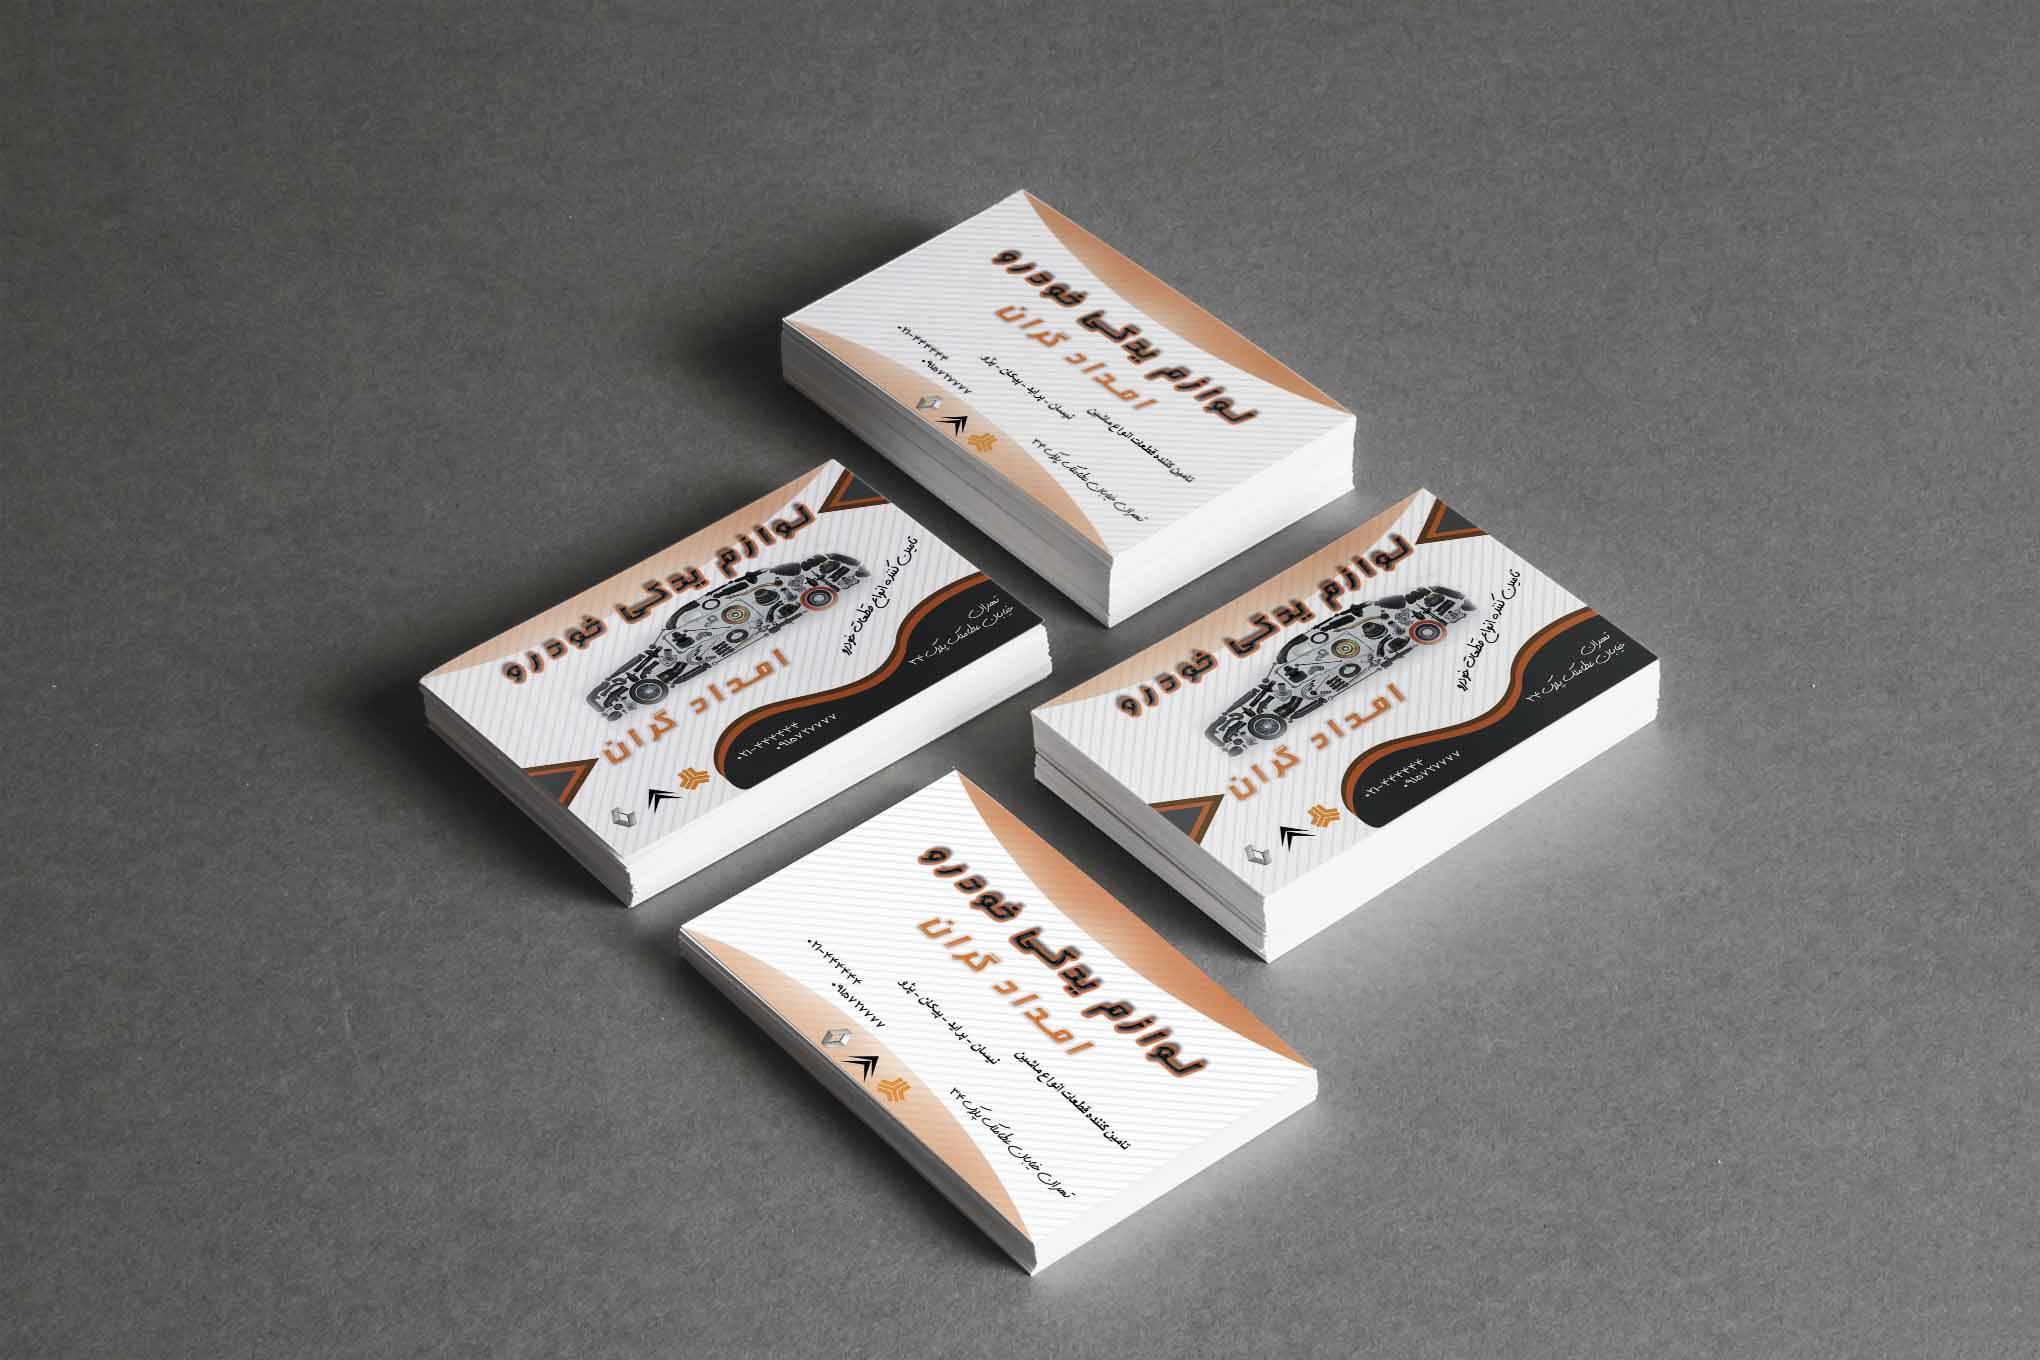 موکاپ کارت ویزیت 4گانه زیبا